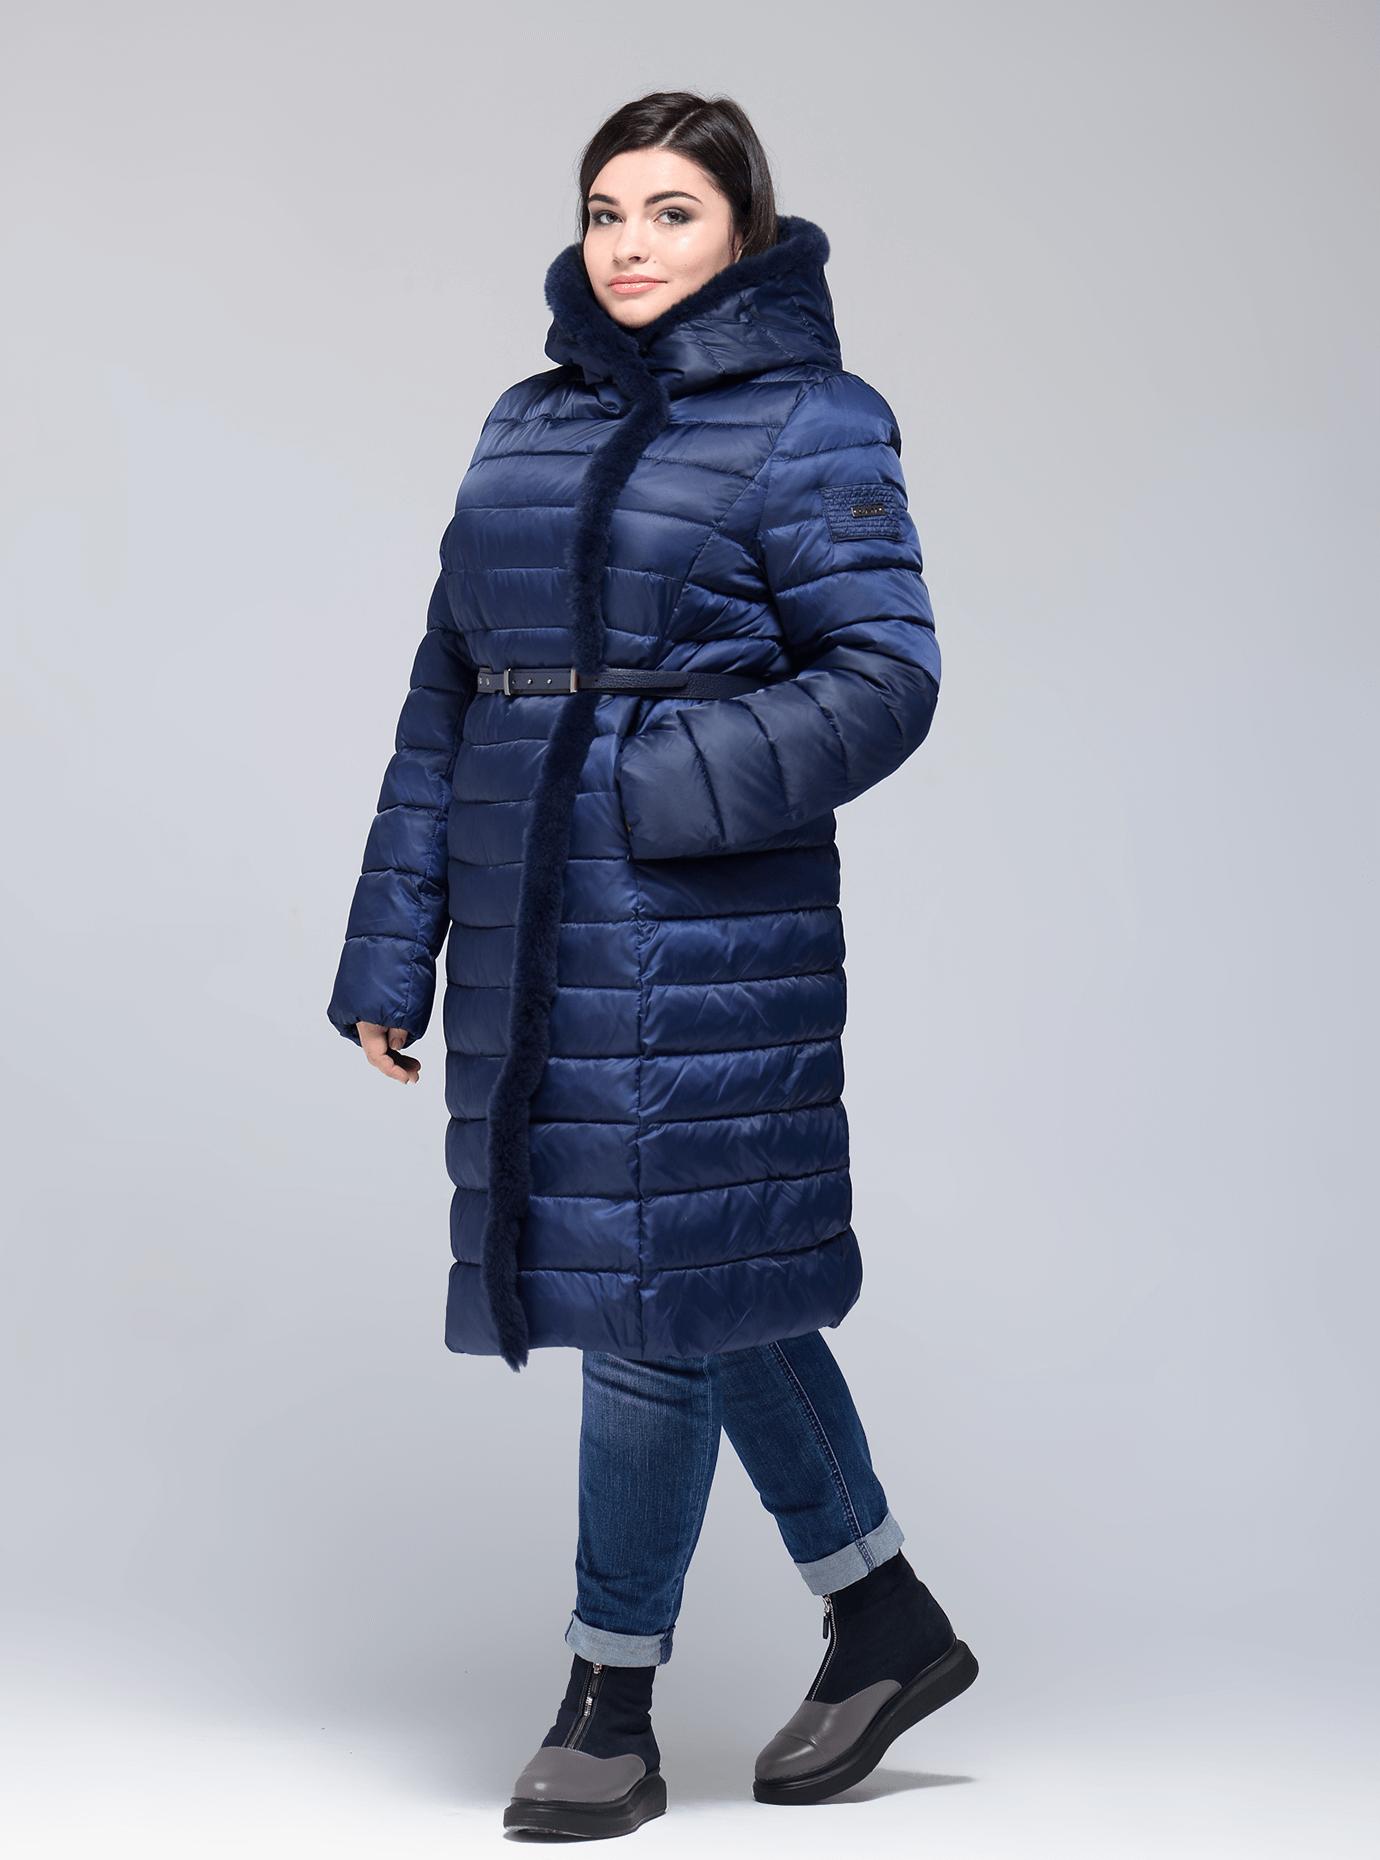 Куртка зимняя женская с меховой отделкой Тёмно-синий 54 (02-CR170111): фото - Alster.ua